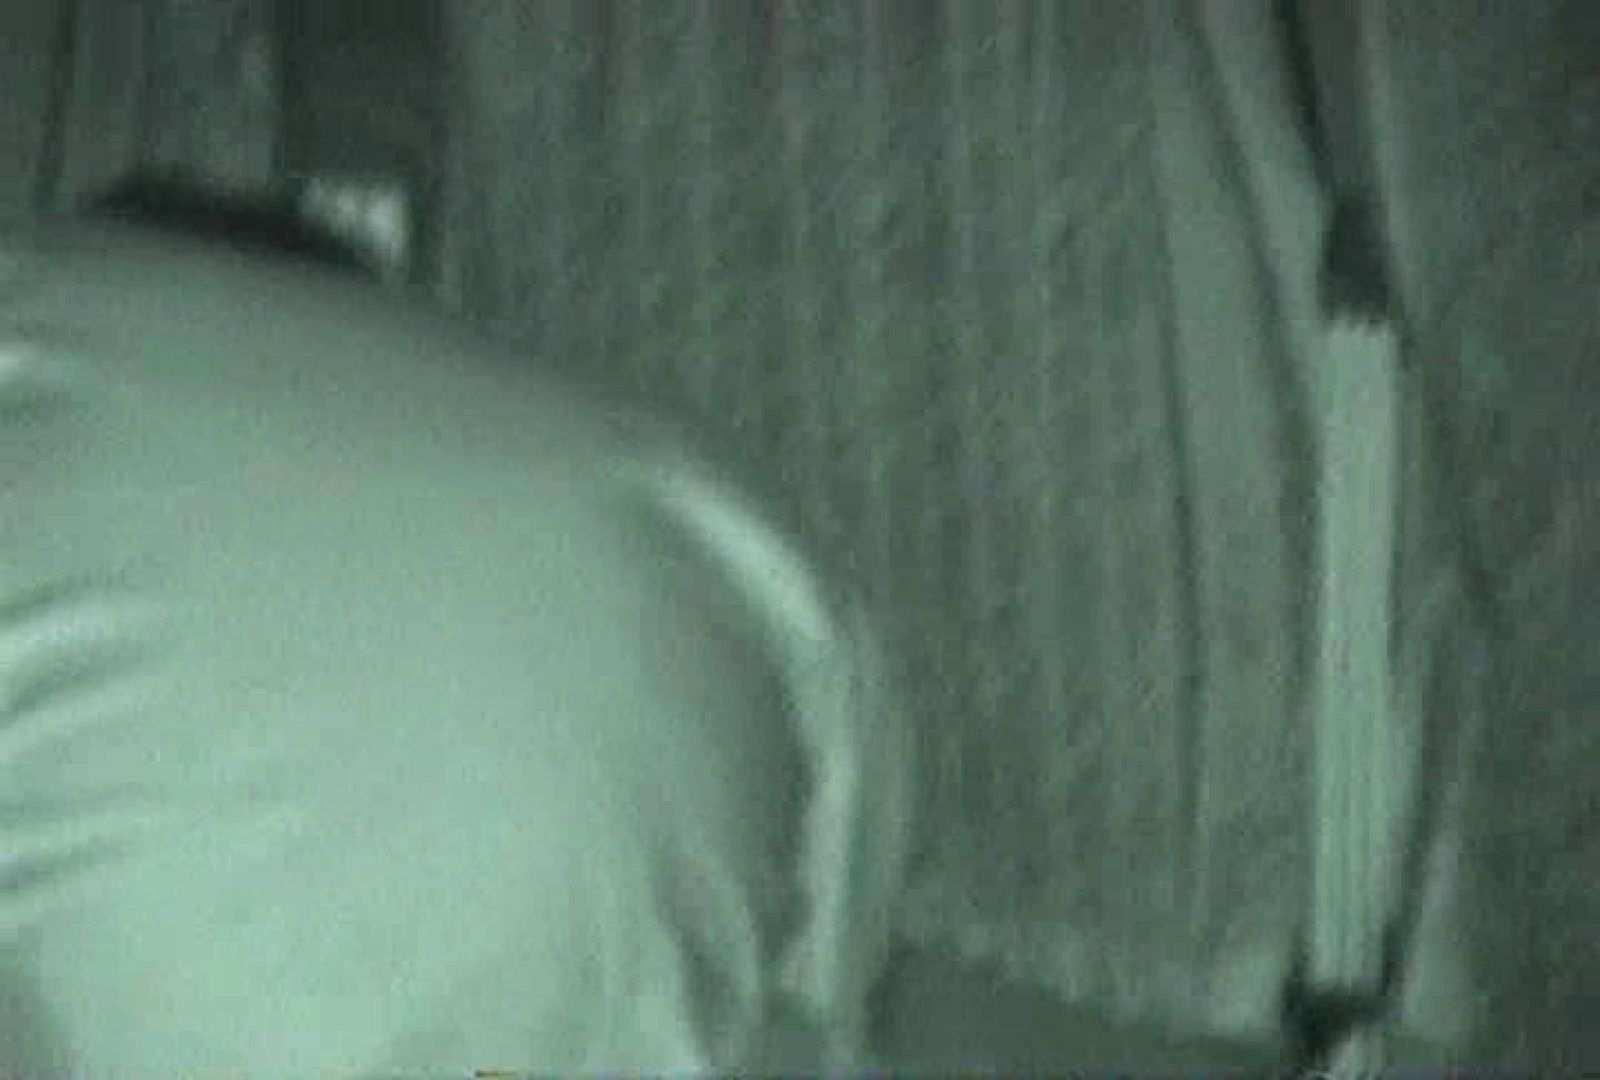 充血監督の深夜の運動会Vol.112 カップルのセックス 性交動画流出 107PIX 28